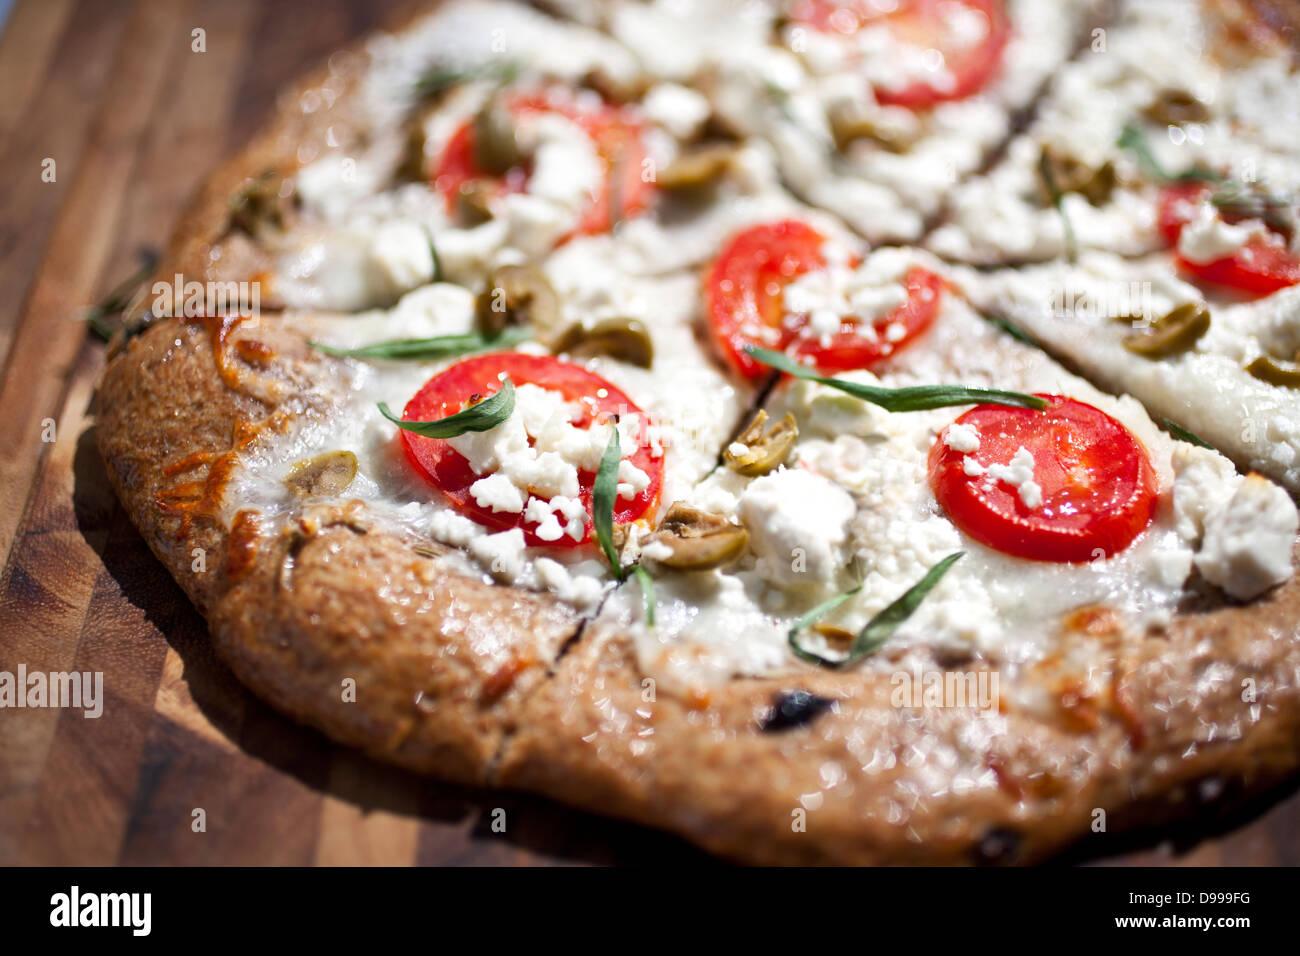 Rústica pizza de queso blanco con tomate en rodajas sobre placa de corte Imagen De Stock